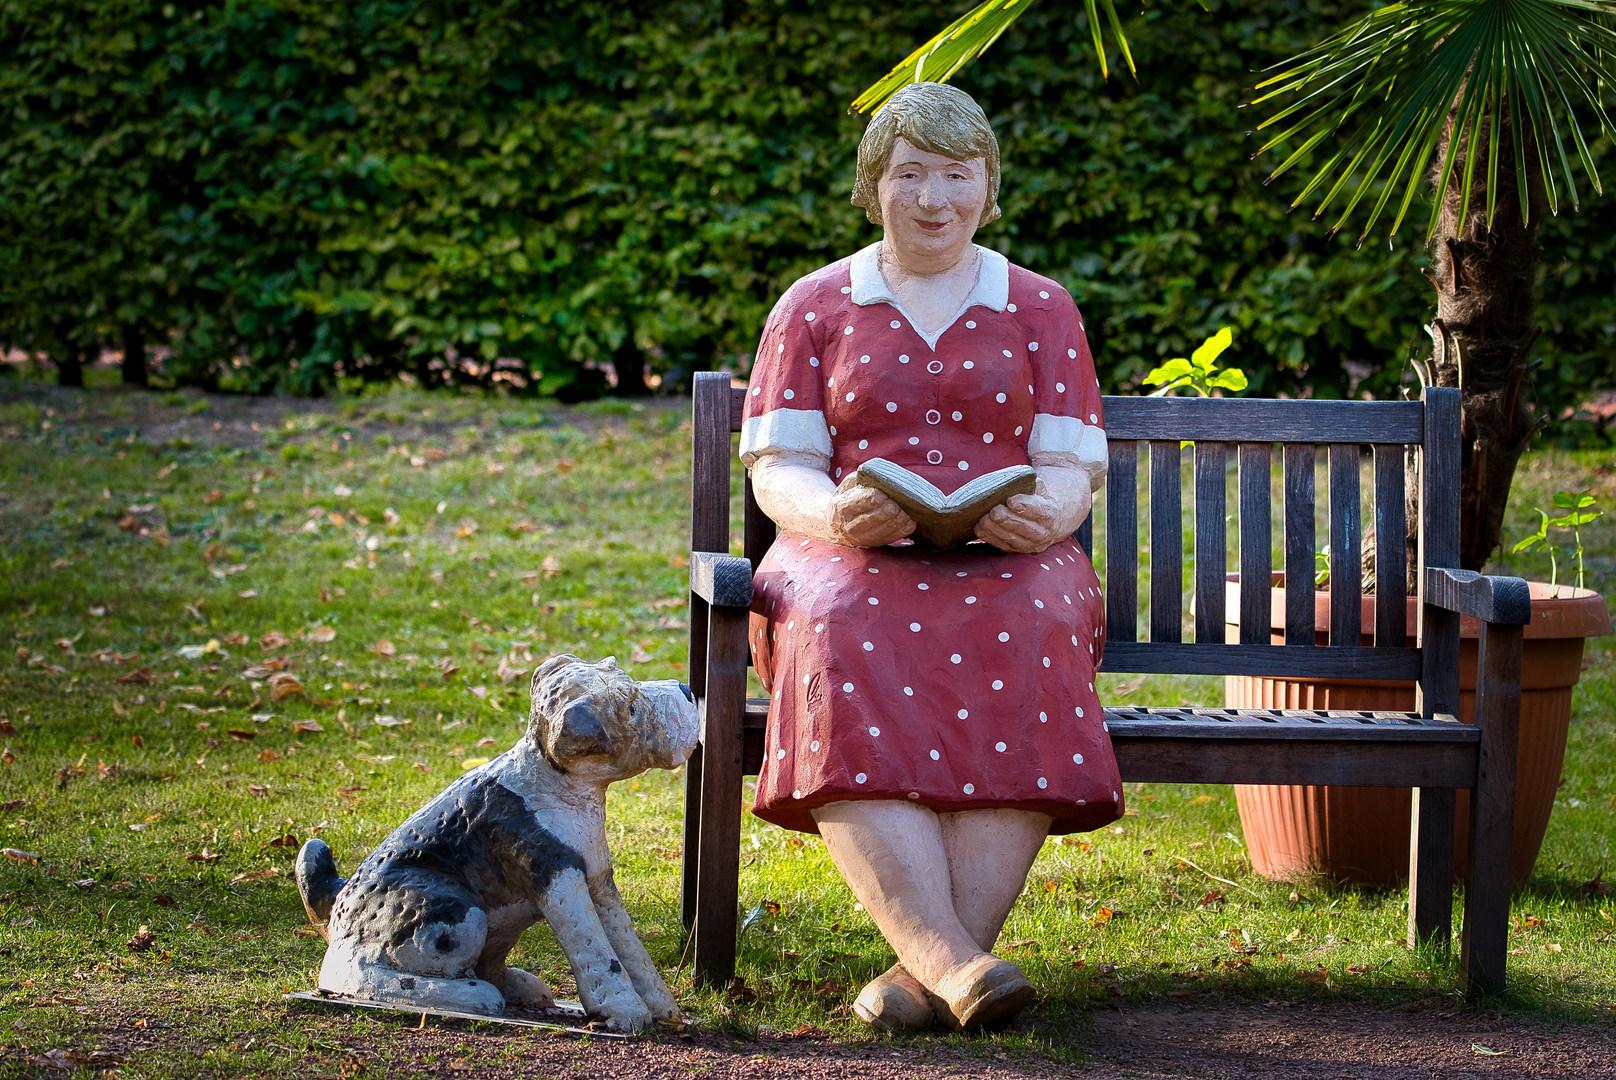 Die lesende Frau mit Hund auf einer Bank im Park